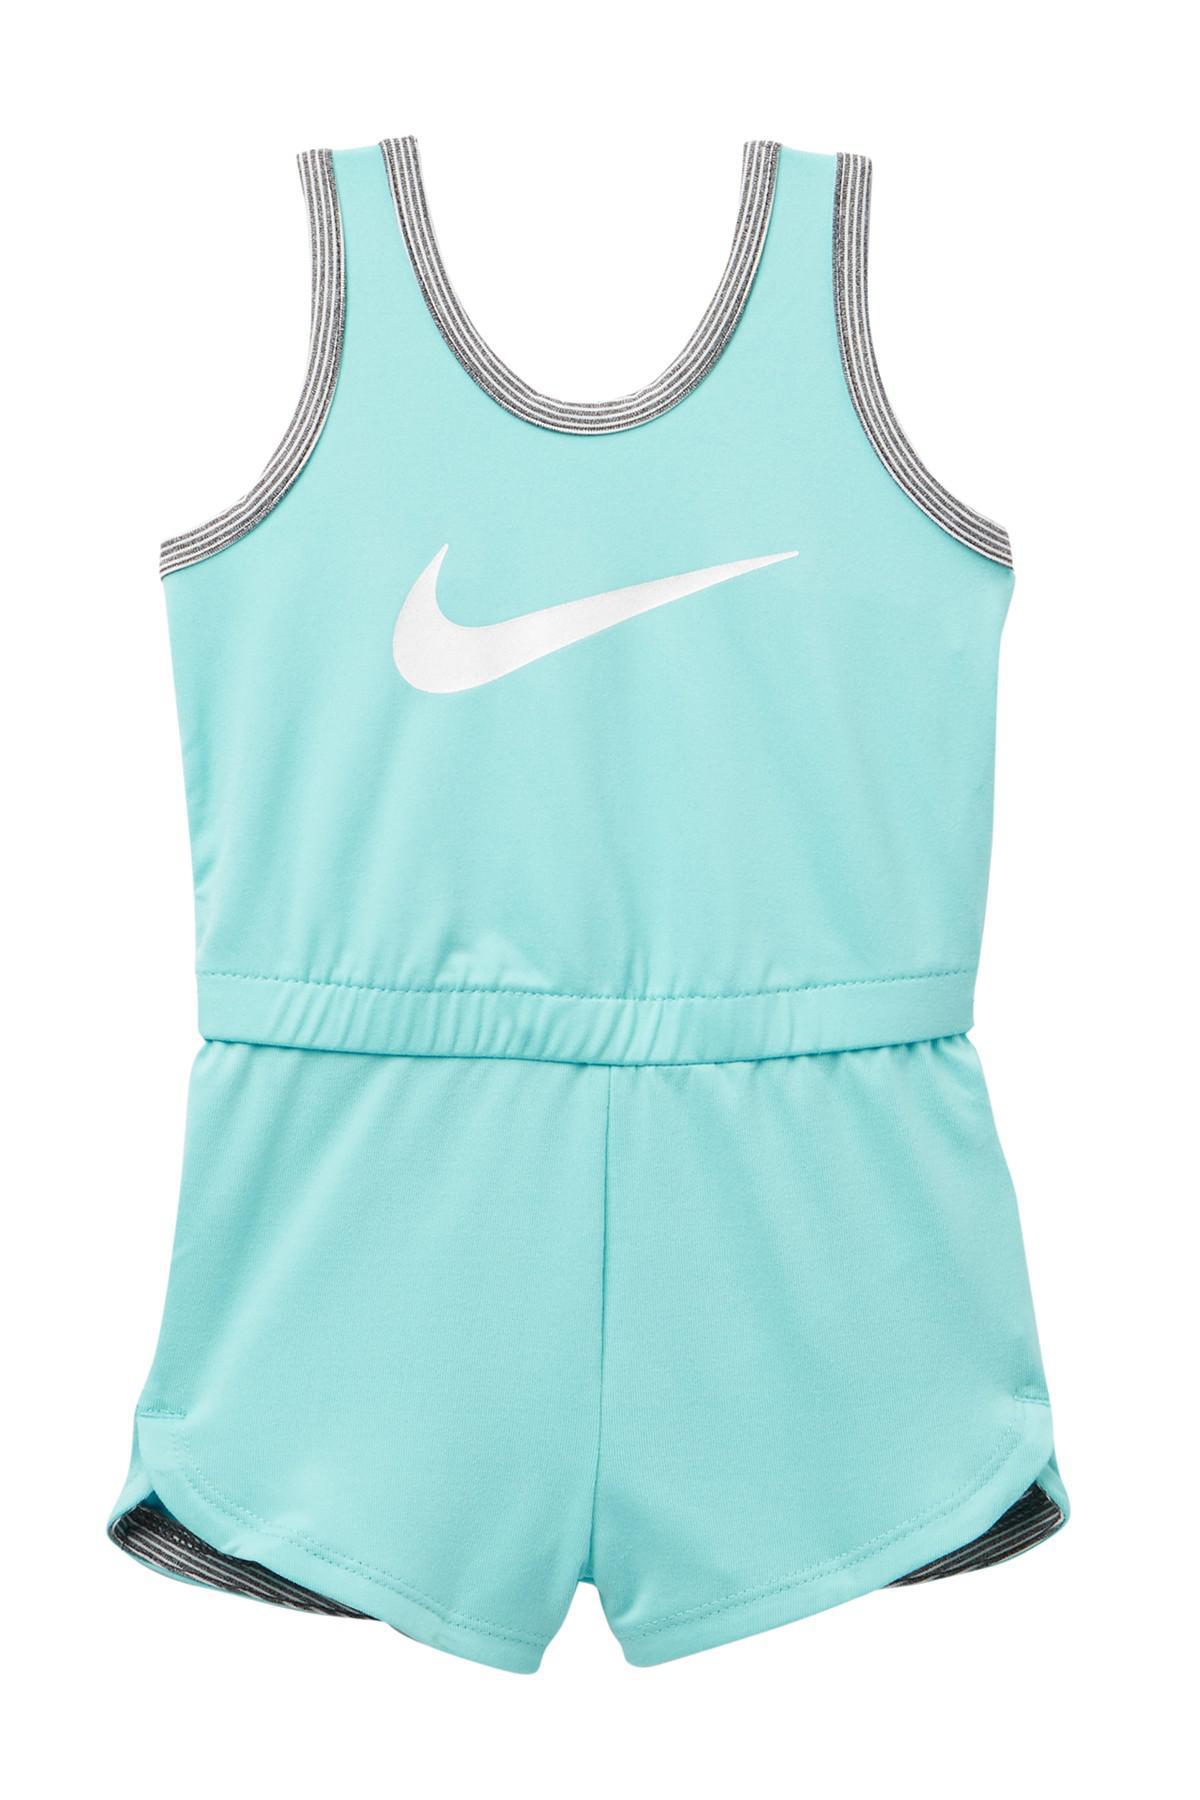 aff1f1a46623 Lyst - Nike Dri Fit Sport Essentials Romper (baby Girls) in Blue